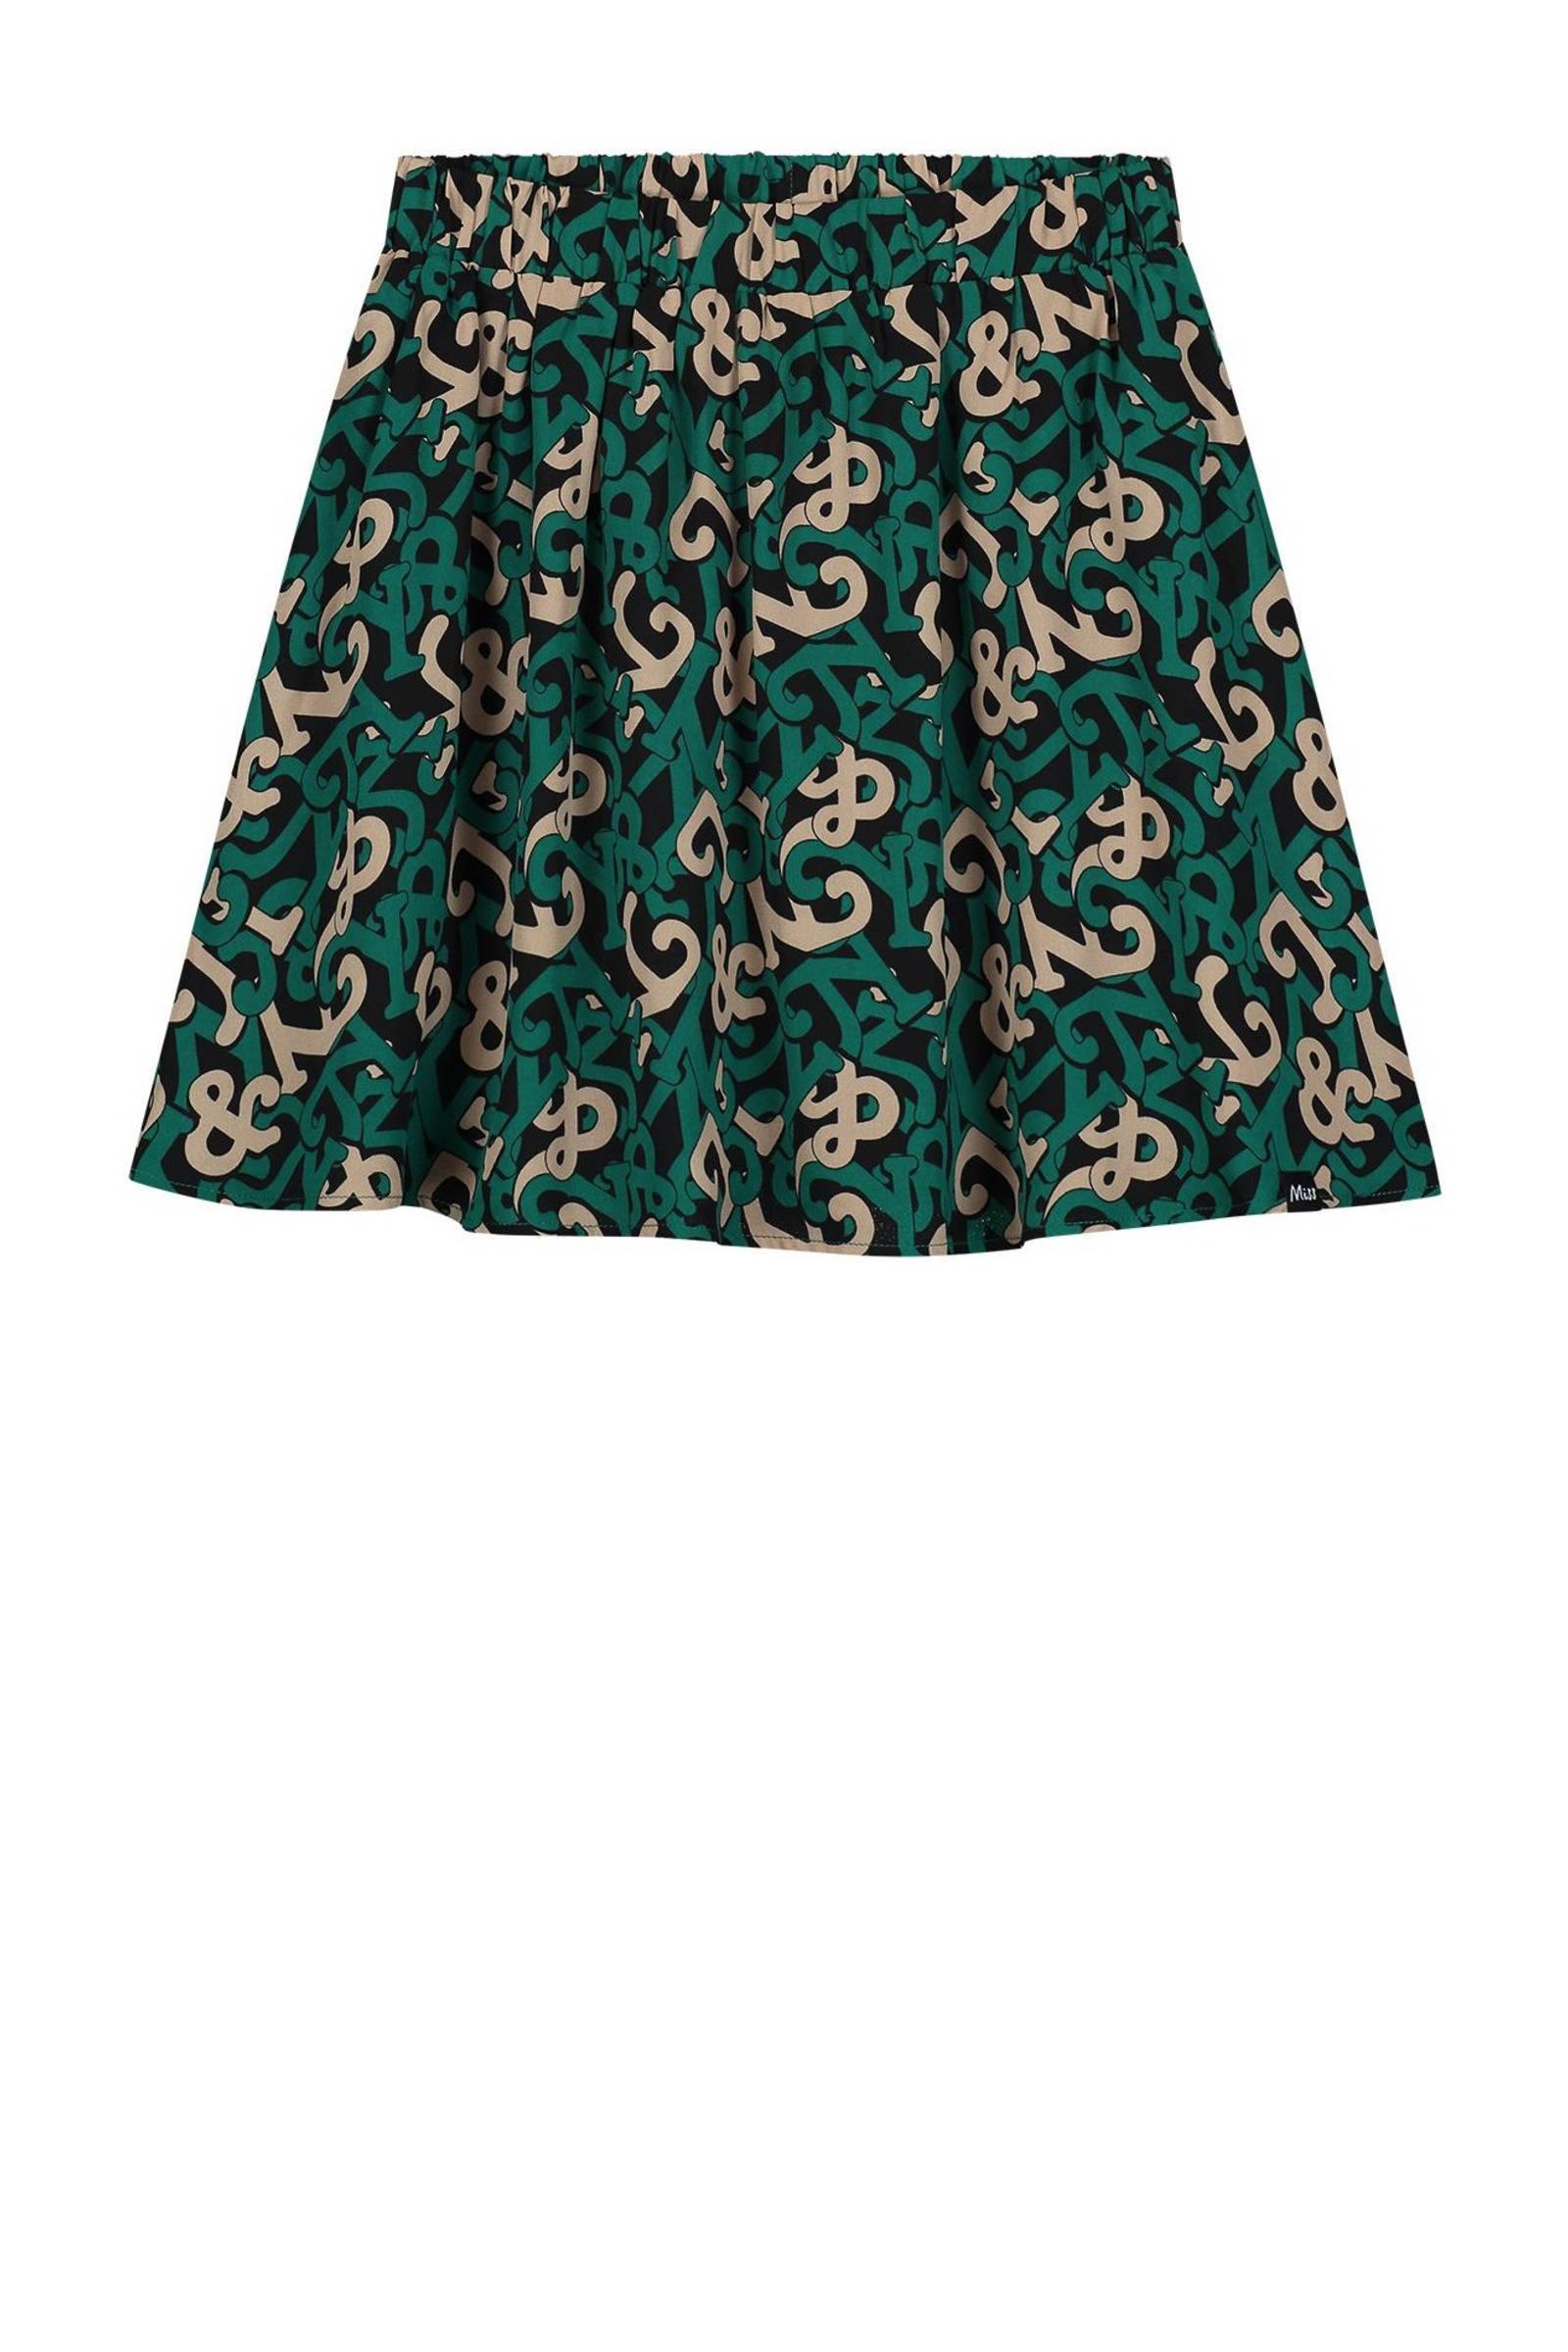 NIK&NIK rok Ivy van gerecycled polyester groen/zand/zwart online kopen